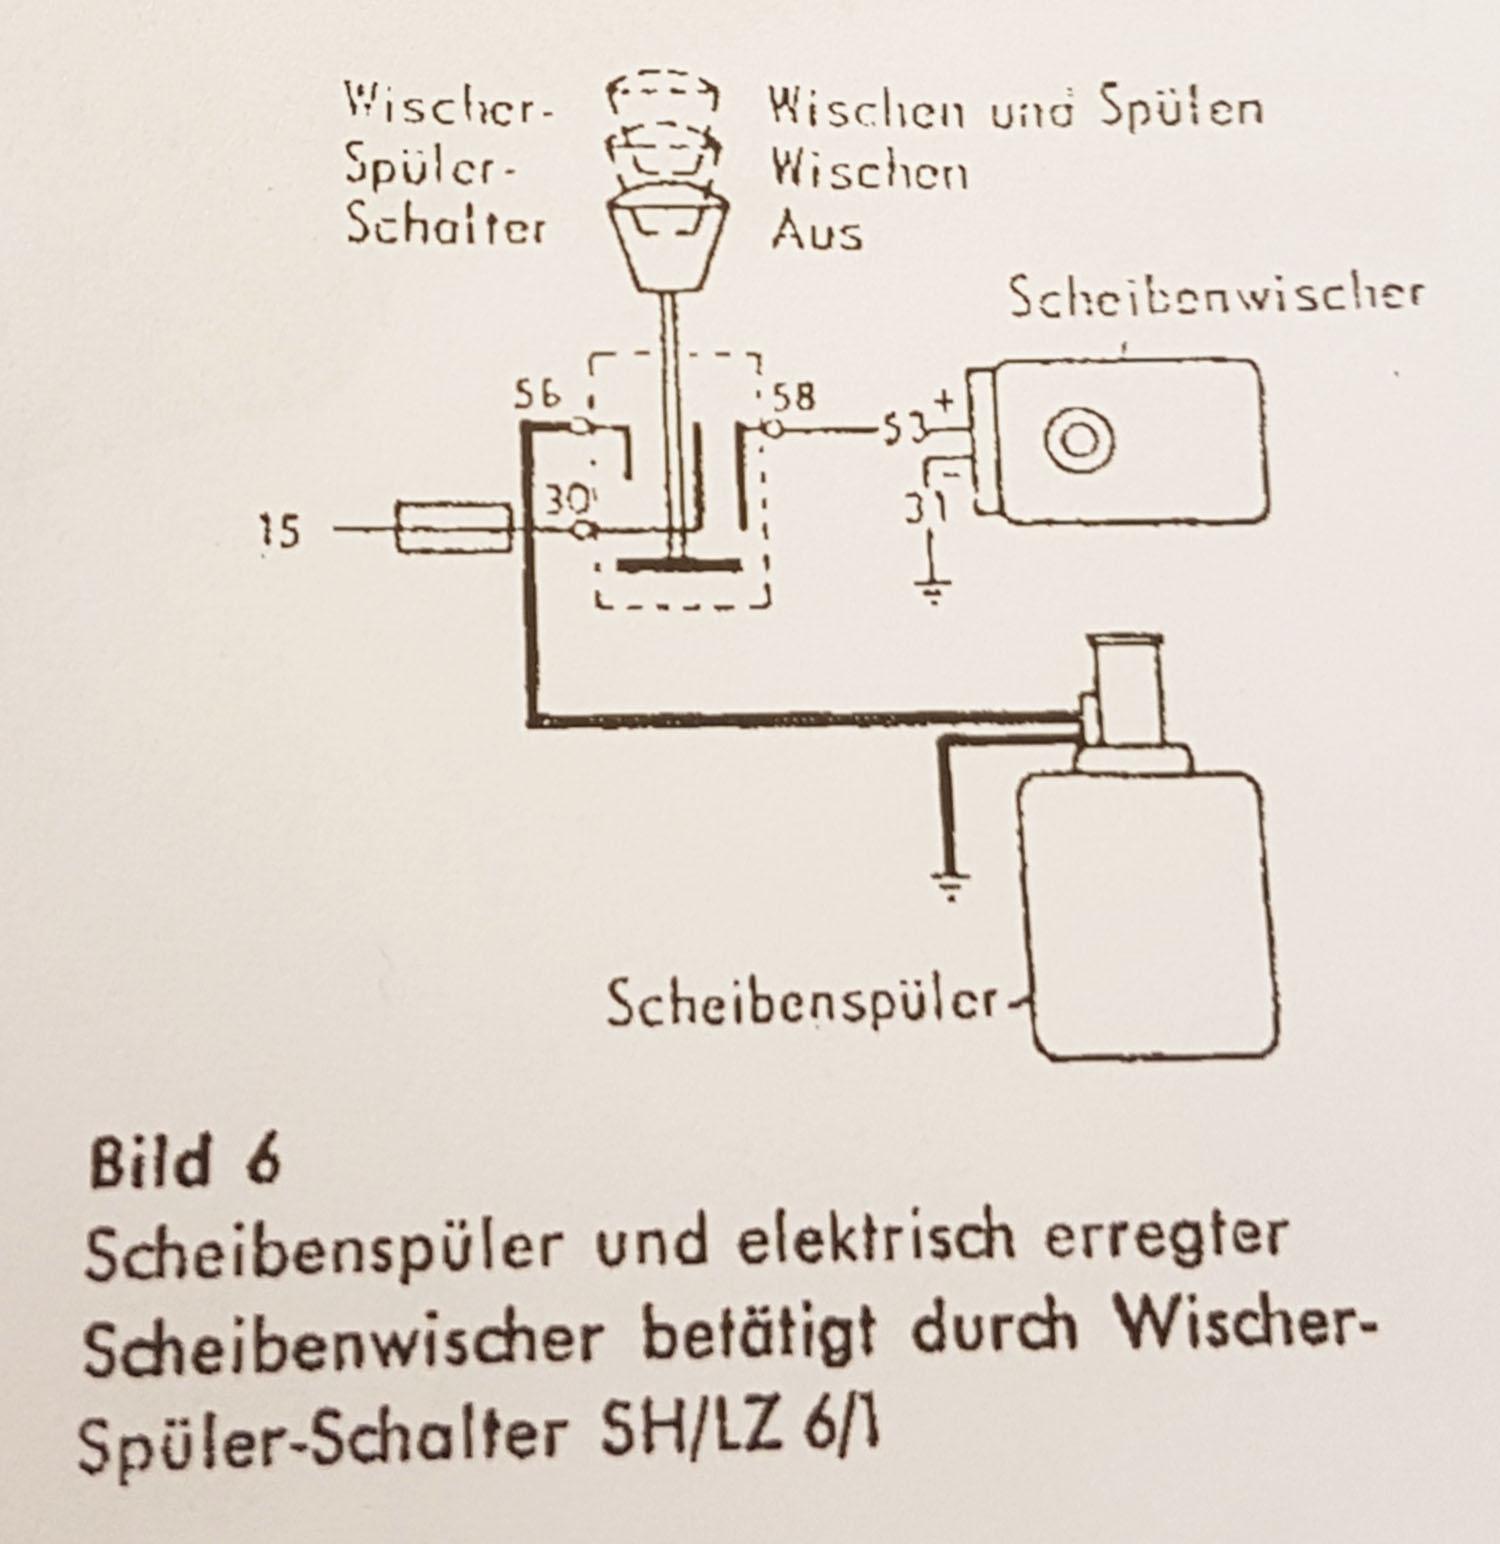 hight resolution of mercedes benz schematics auto diagram databasedetailed electrical schematics excerpted illustration from mercedes mercedes benz schematics